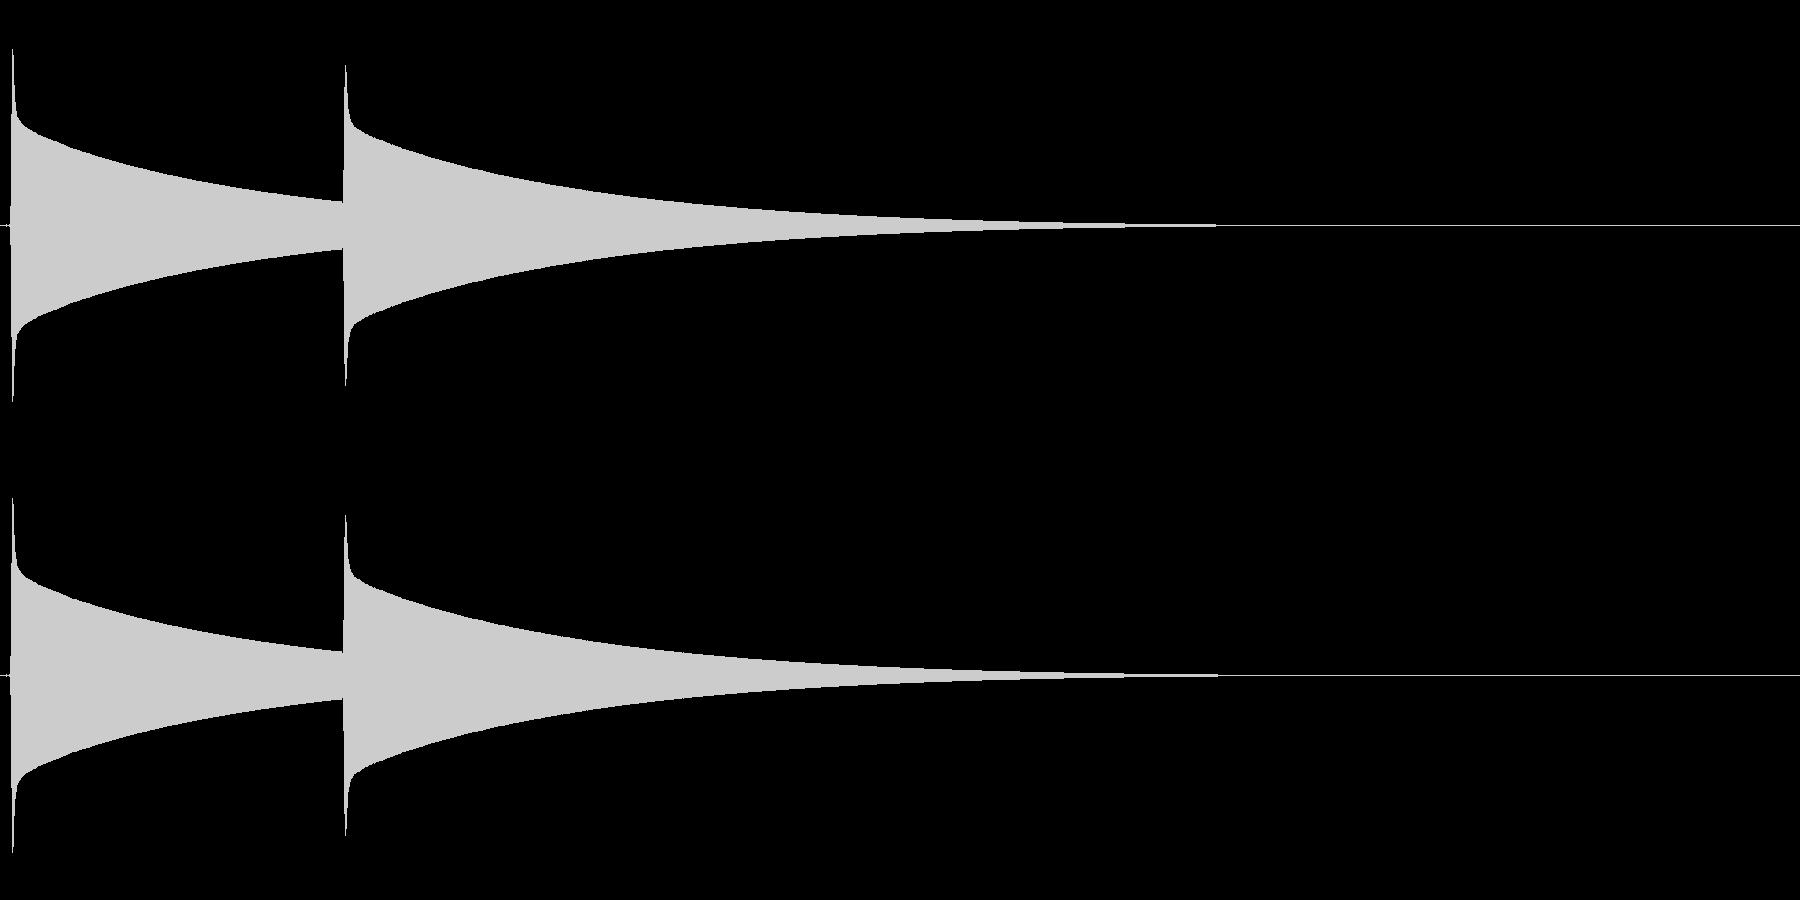 ピーンポーン(インターフォン、呼び出し)の未再生の波形